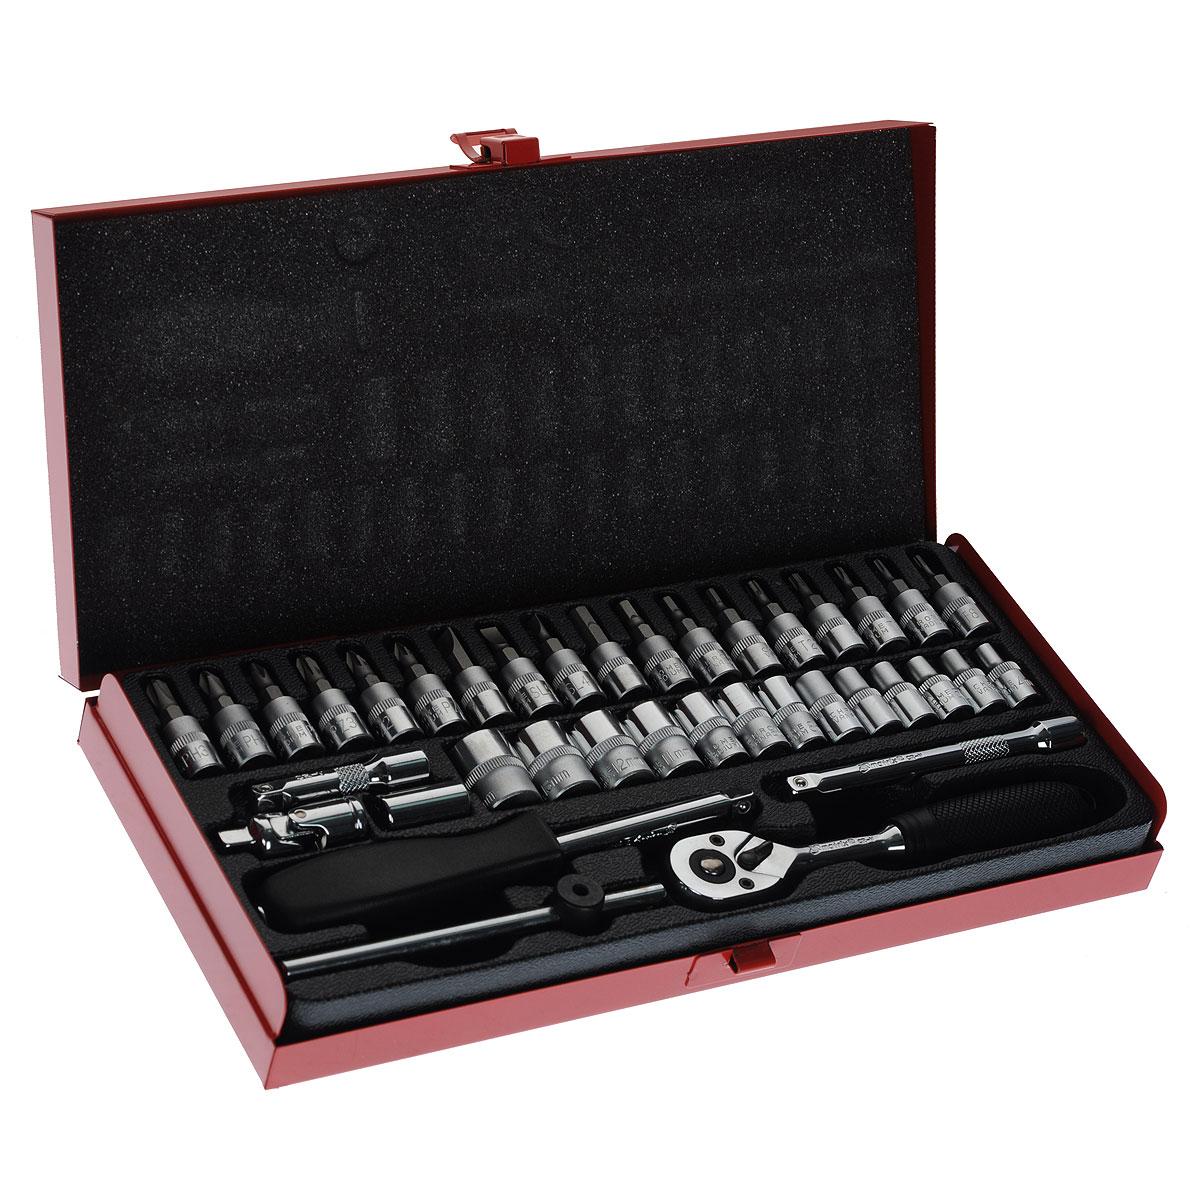 Набор слесарно-монтажный Matrix, 38 предметов13522Набор слесарно-монтажного инструмента Matrix предназначен для работы с резьбовыми соединениями. Инструмент изготовлен из хромованадиевой стали с хромированным покрытием, что обеспечивает высокое качество и долговечность. Состав набора: Биты-вставки: Hex 3 мм, 4 мм, 5 мм, 6 мм, SL4, SL5,5, SL7, PH1, PH2, PH3, PZ1, PZ2, PZ3, T8, T10, T15, T20, T25. Головки торцевые шестигранные 1/4: 4 мм, 4,5 мм, 5 мм, 5,5 мм, 6 мм, 7 мм, 8 мм, 9 мм, 10 мм, 11 мм, 12 мм, 13 мм, 14 мм. Карданный шарнир 1/4. Вороток отверточного типа 1/4. Вороток T-образный 1/4. Удлинитель 1/4 50 мм. Удлинитель 1/4 100 мм. Ключ трещоточный (45 зубьев) с эргономичной пластиковой ручкой, реверсом и механизмом разблокировки шарикового фиксатора. Битодержатель 1/4.